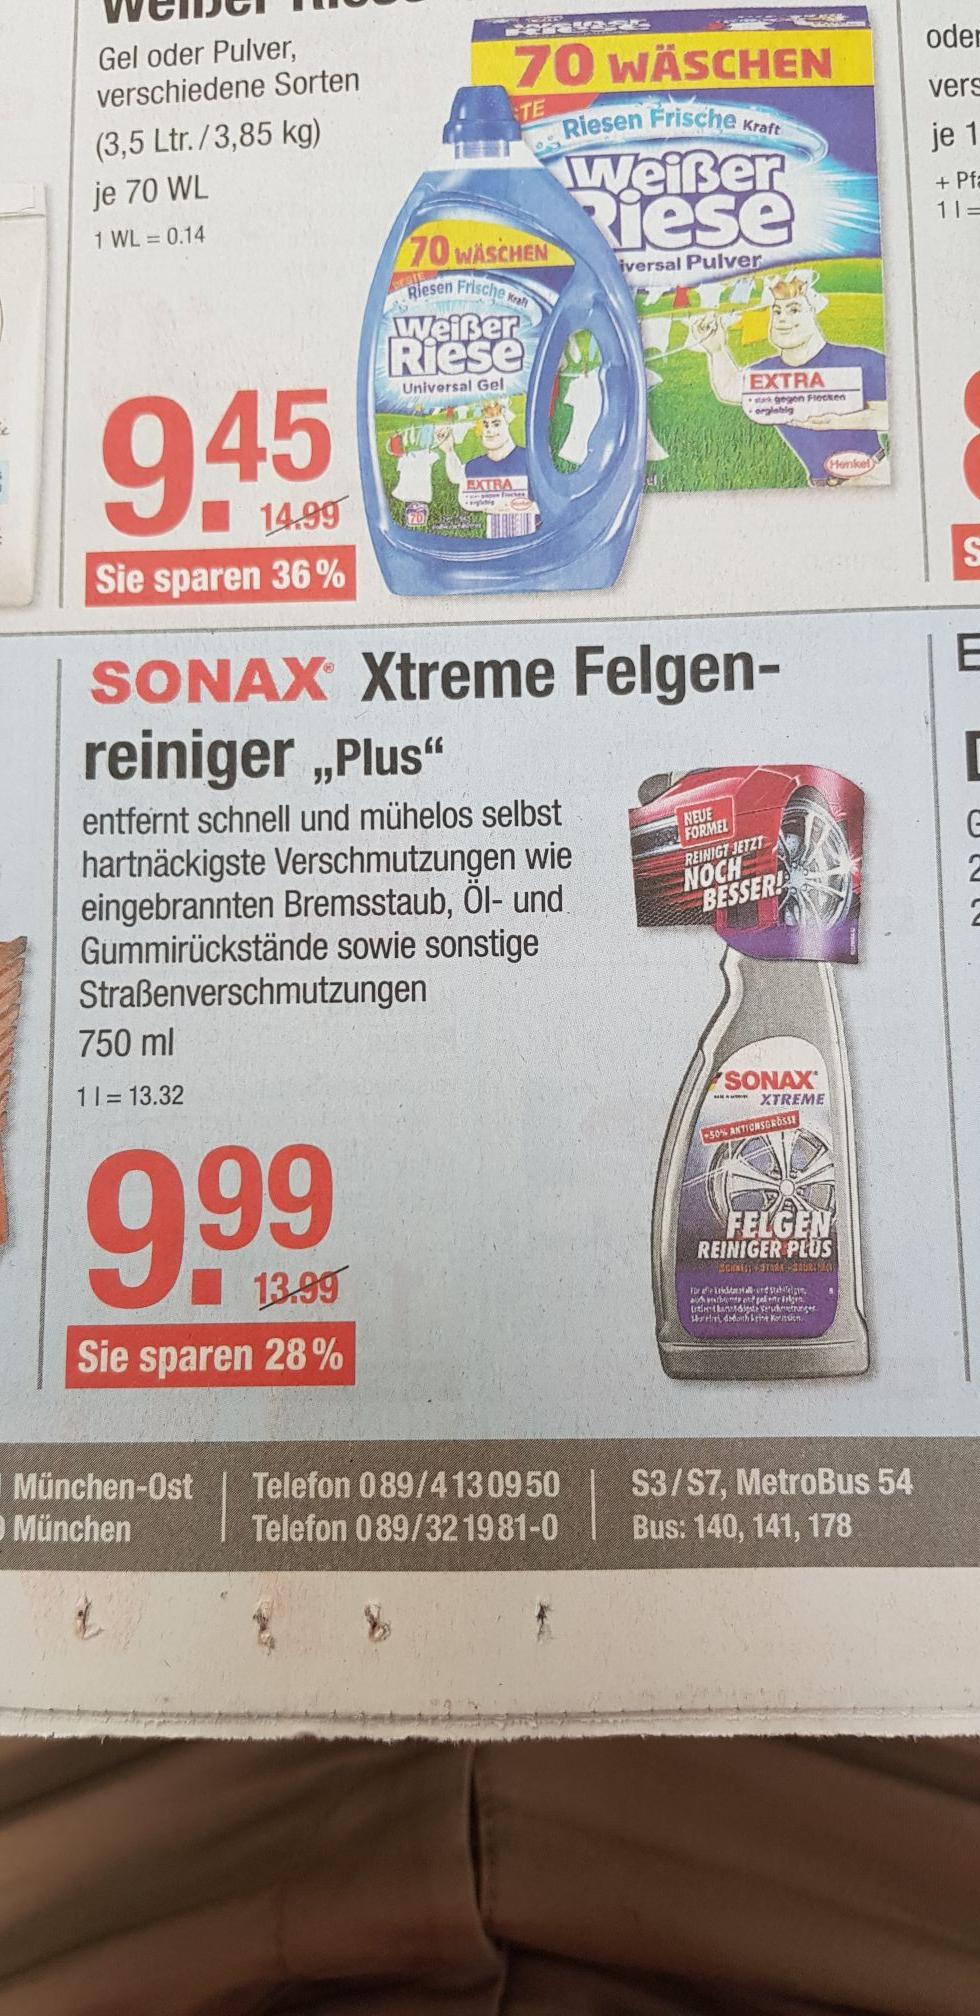 V-Markt München: Sonax Xtreme Felgenreiniger Plus 750ml